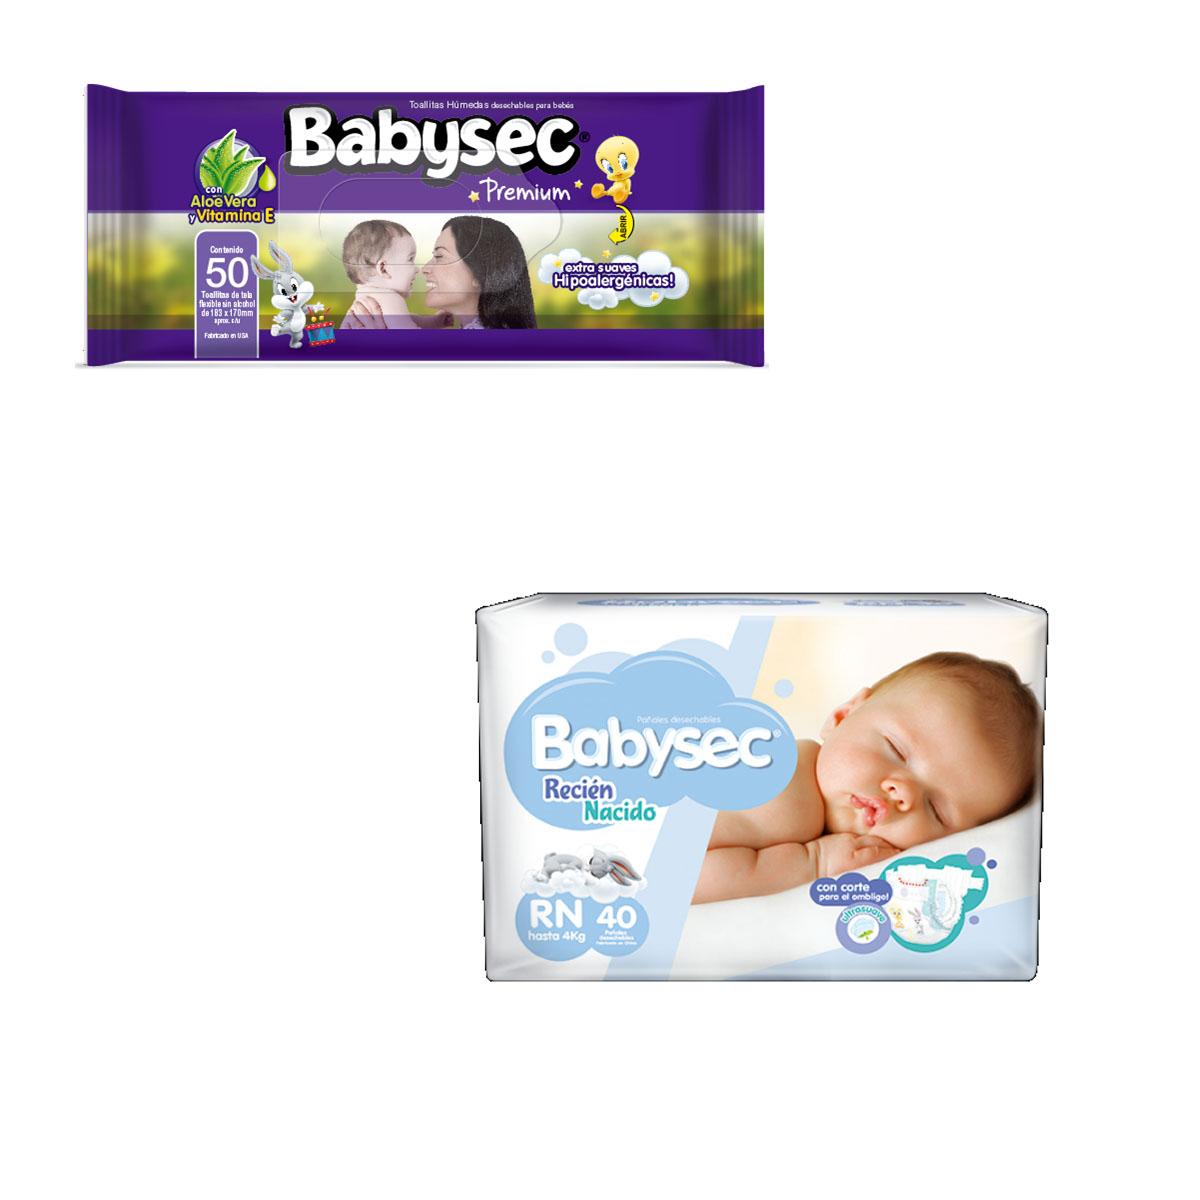 f715f74c674 Pañales Babysec Recién Nacido 40 Uds + Pack de Toallitas